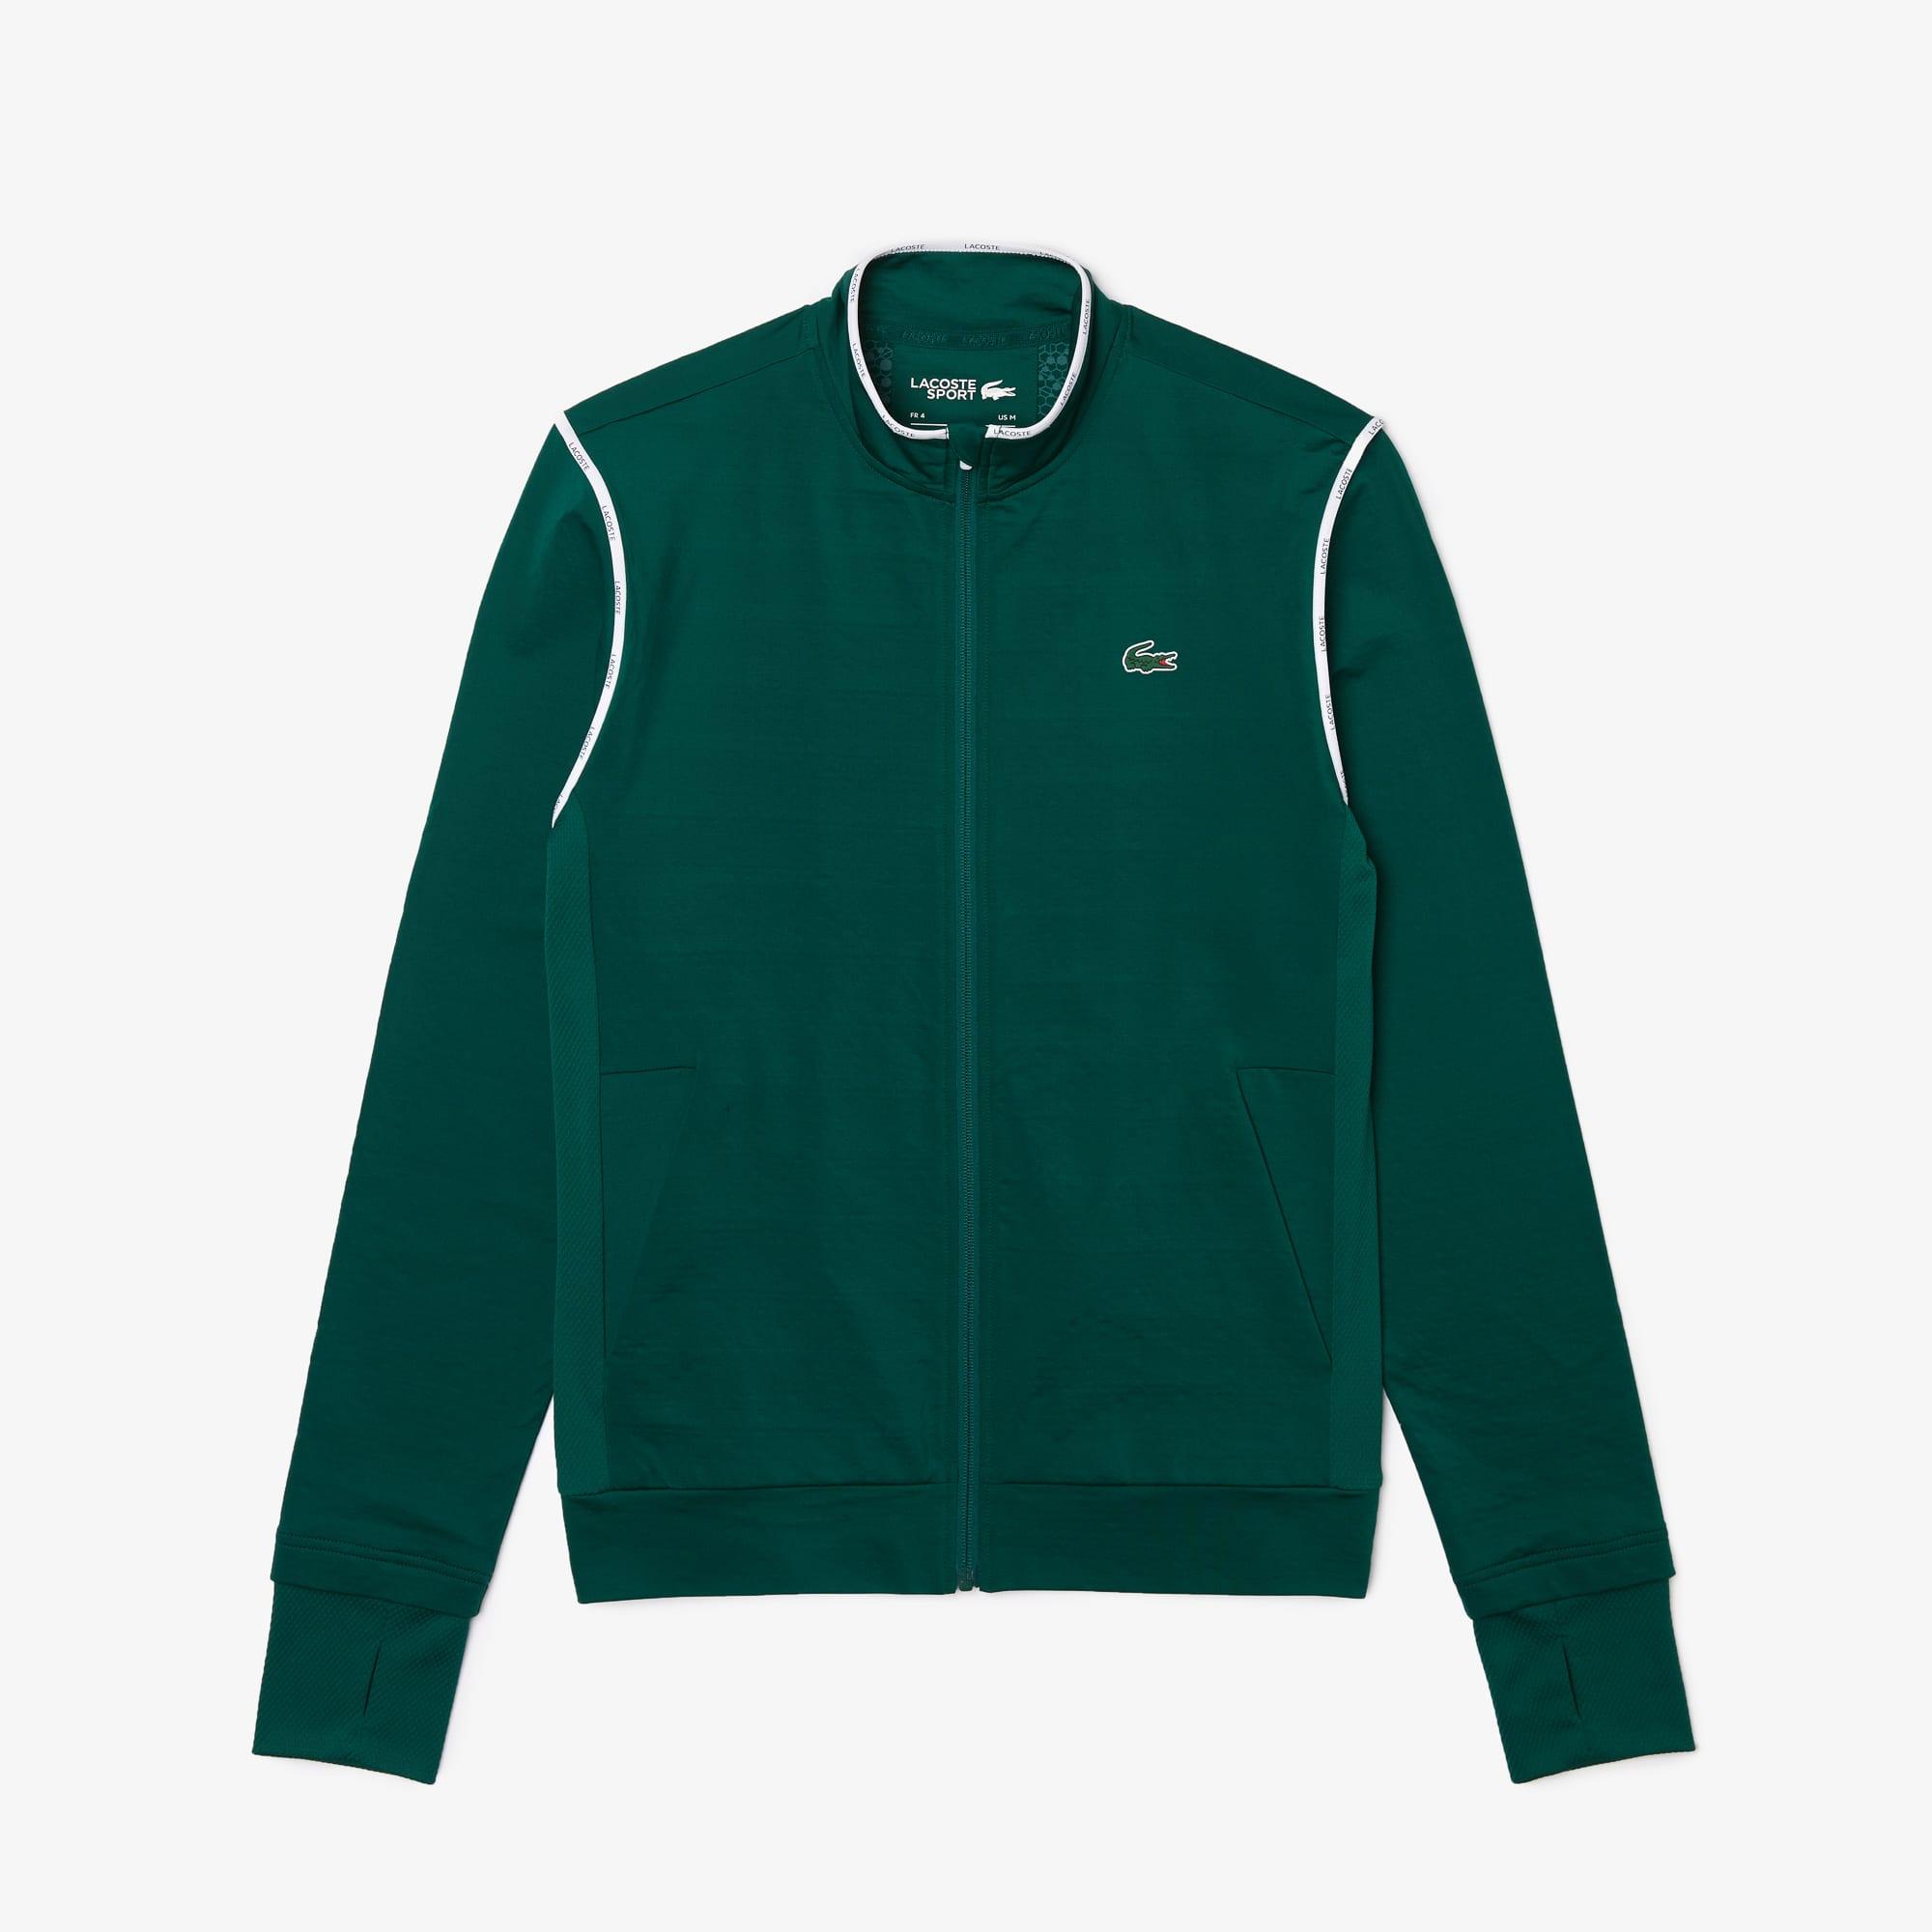 라코스테 맨 스포츠 집업 맨투맨 Lacoste Men's SPORT Thermo-Regulating Zip Sweatshirt,Green / White / Navy Blue 22Y